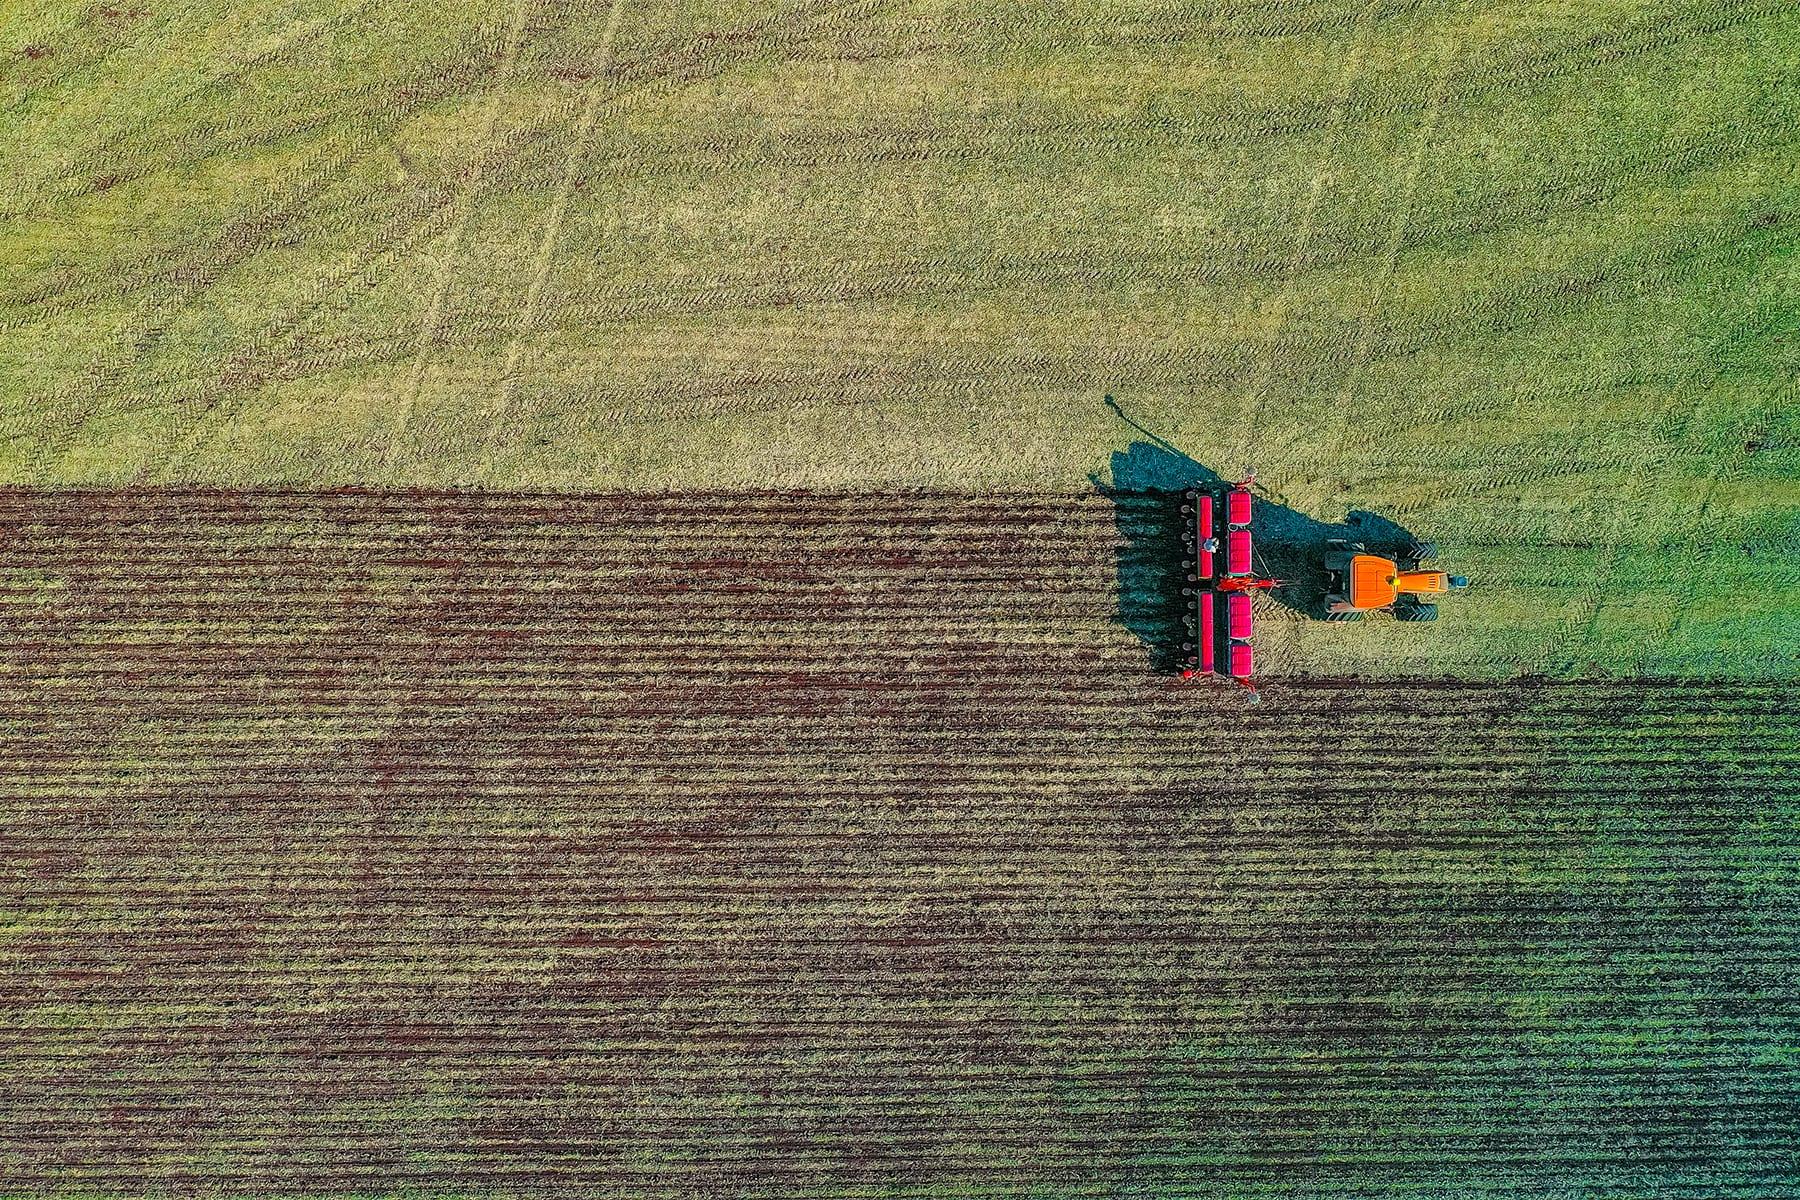 La edición genética adelanta por la derecha a la naturaleza: es el momento de crear mejores cultivos